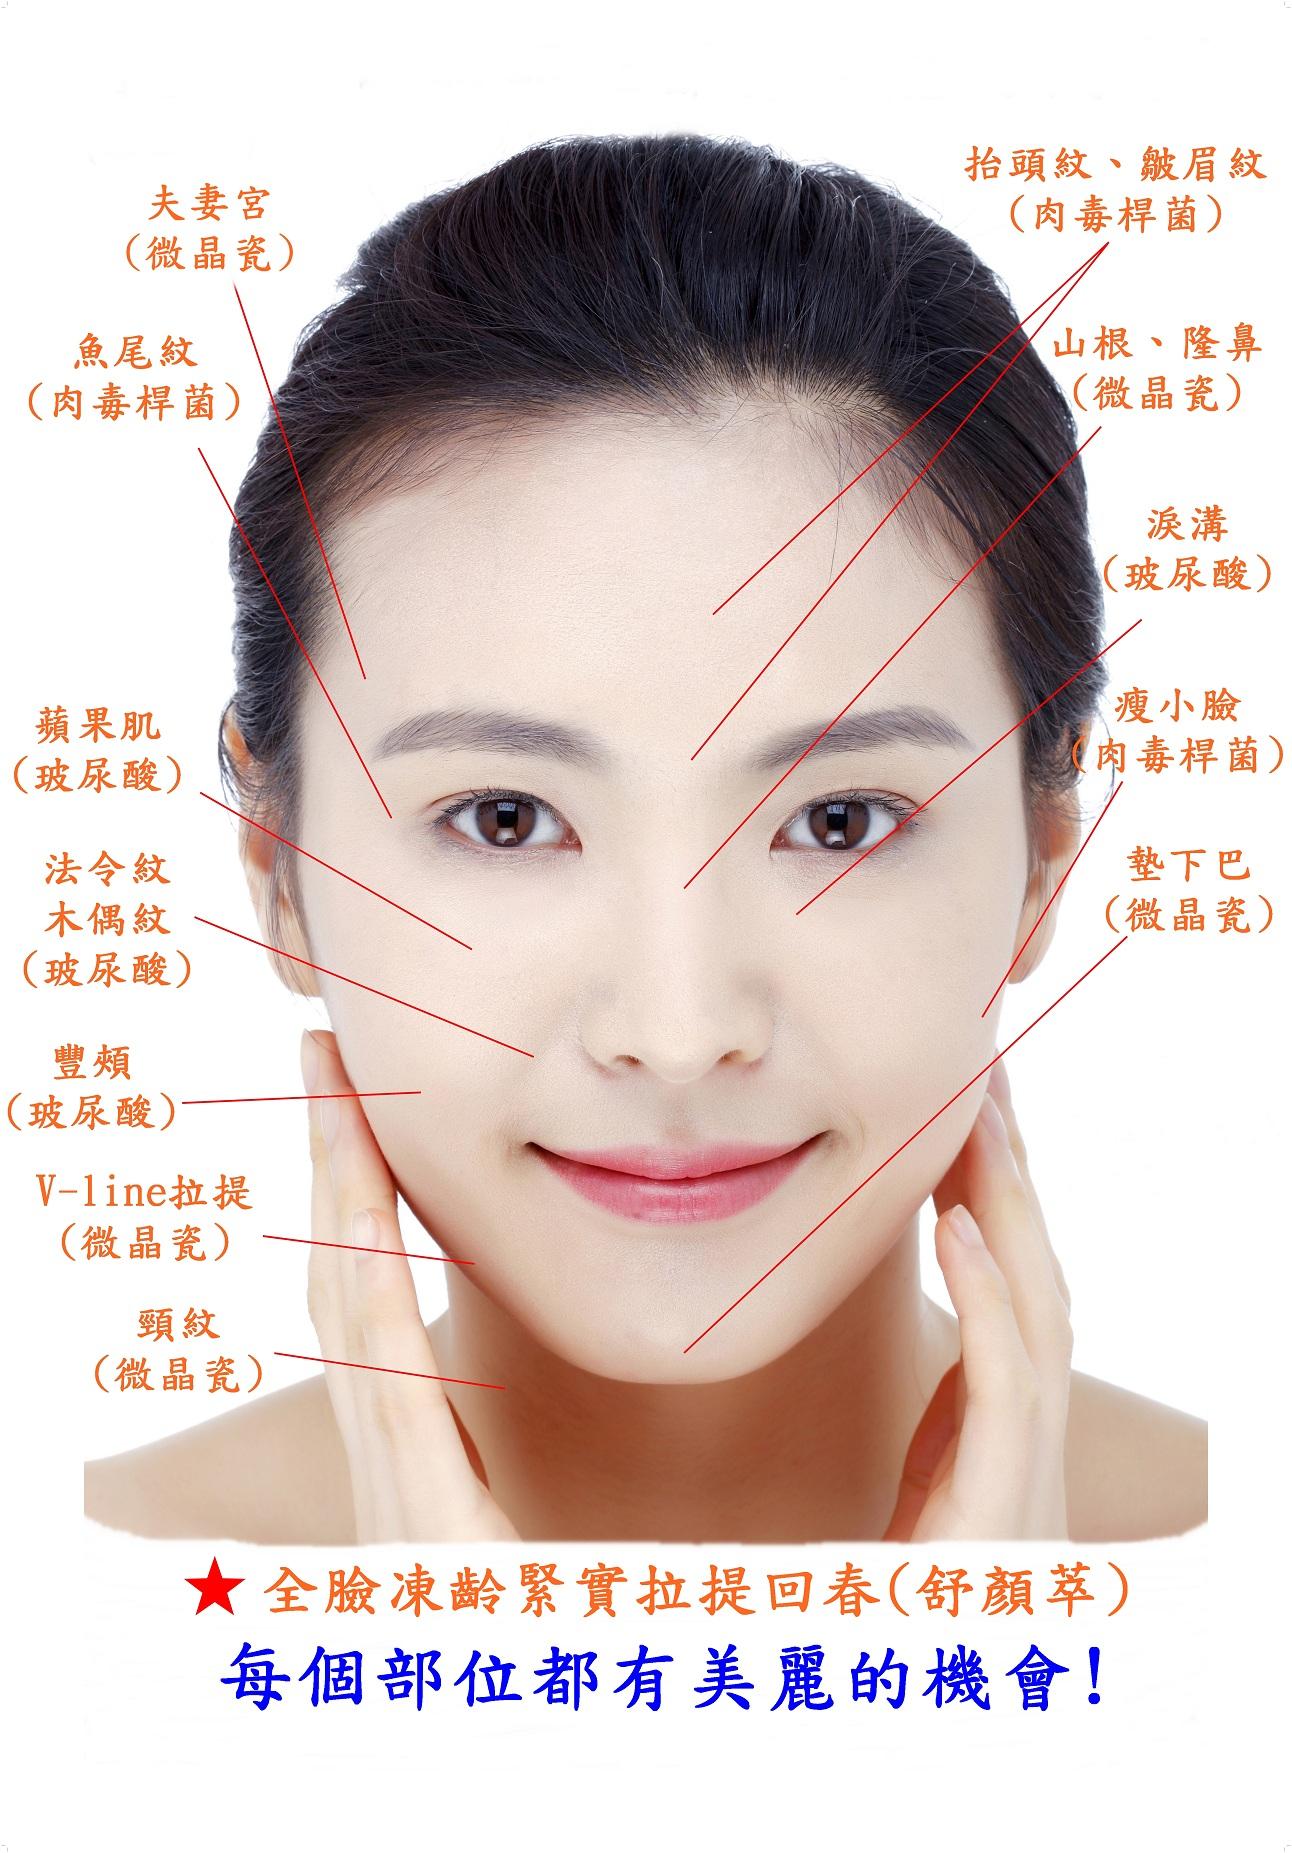 微整施打部位|新竹愛生美皮膚科醫學美容診所